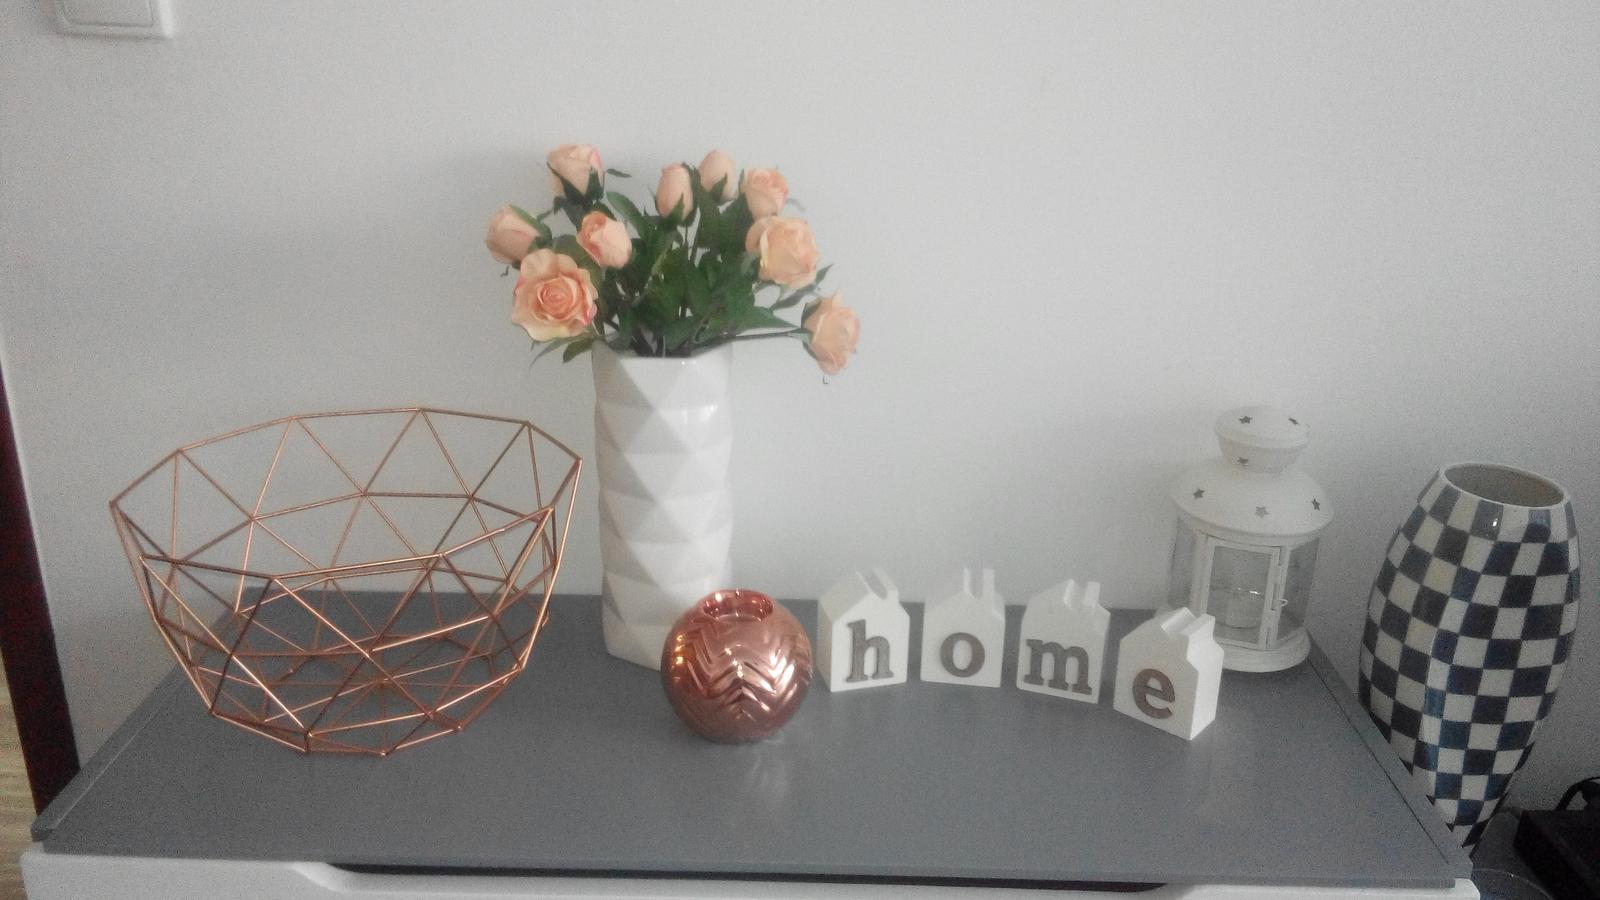 Obyvačka - Jedálen - Urobila som si dnes radost :-) kosik, vaza a svietnik v tvare gule :)